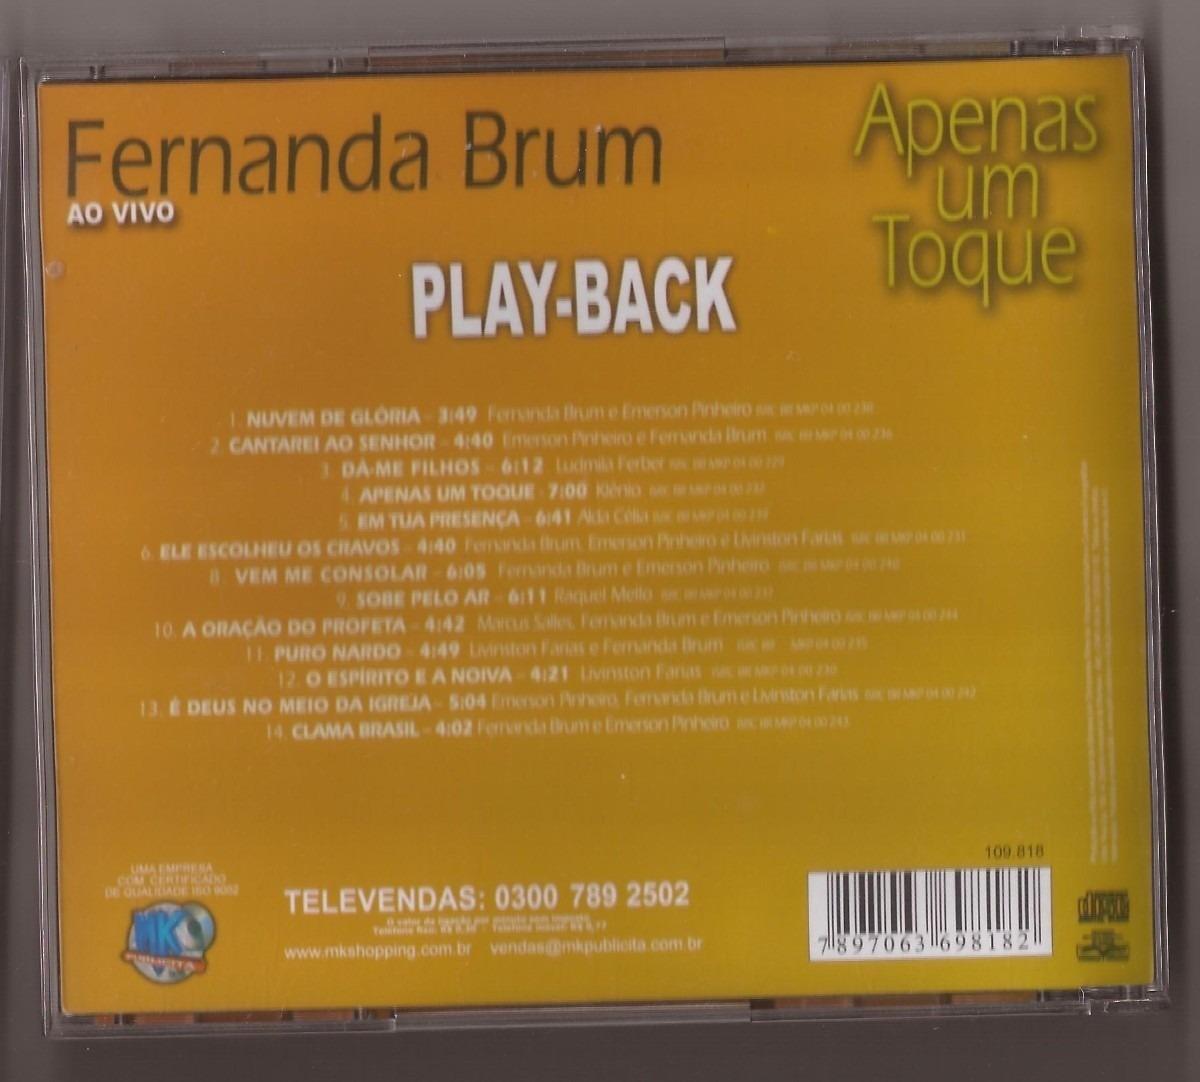 cd apenas um toque playback fernanda brum